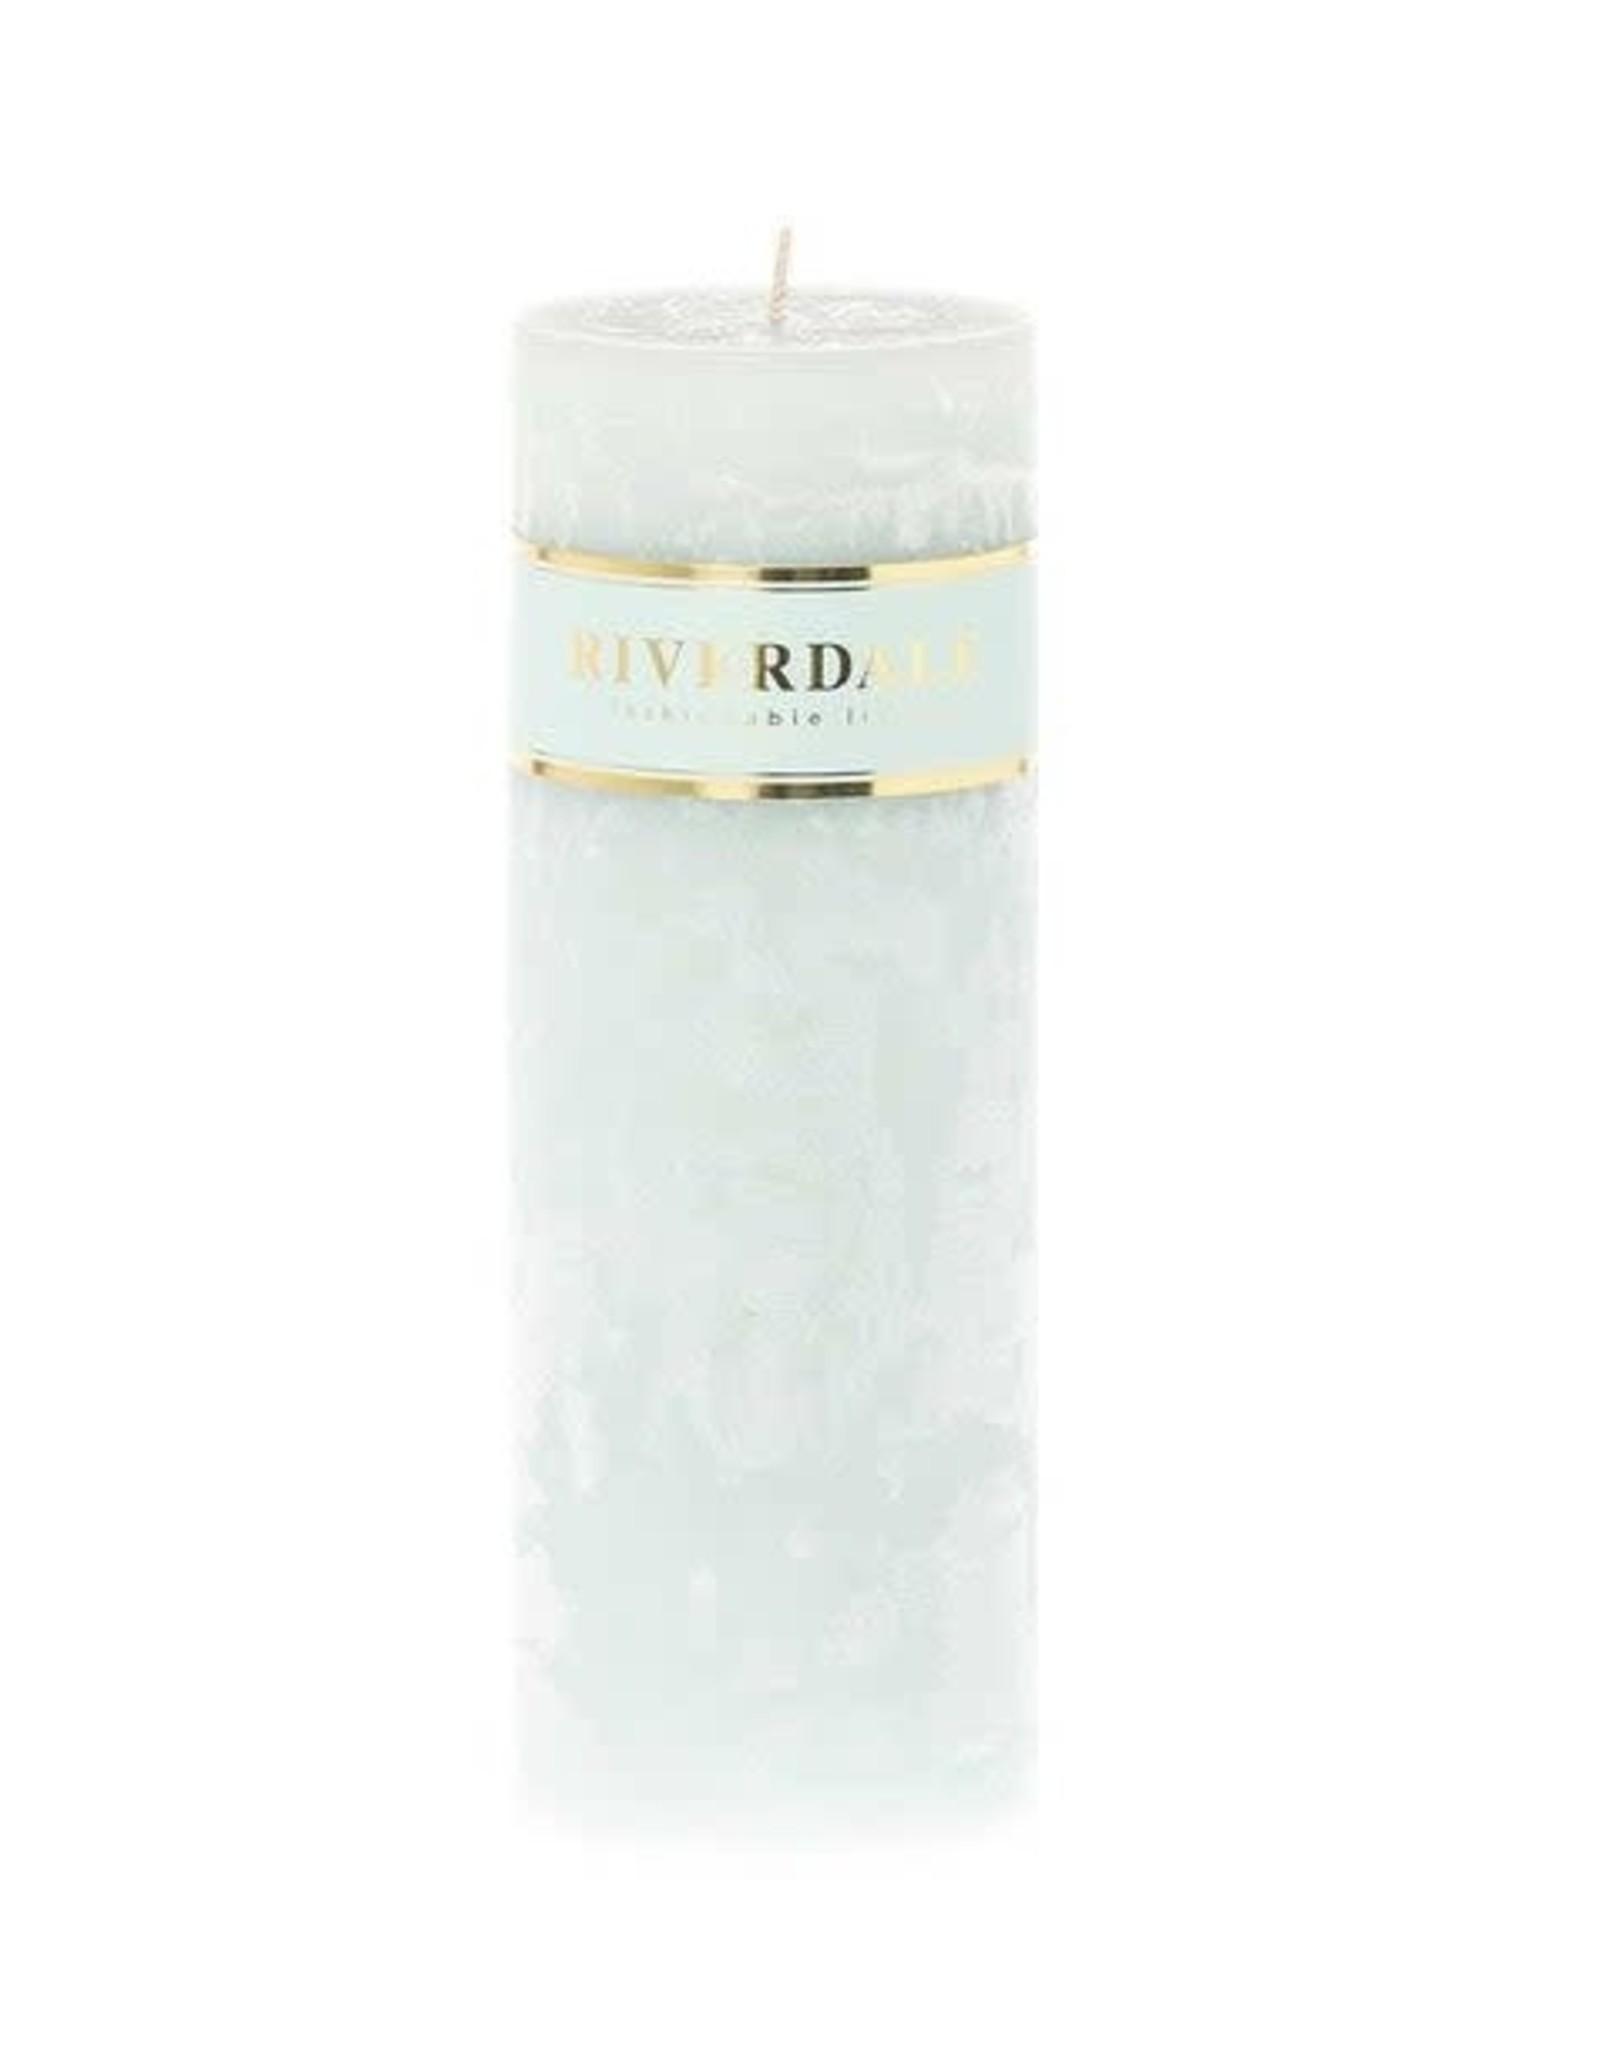 Riverdale Kaars Pillar mint 7x20cm